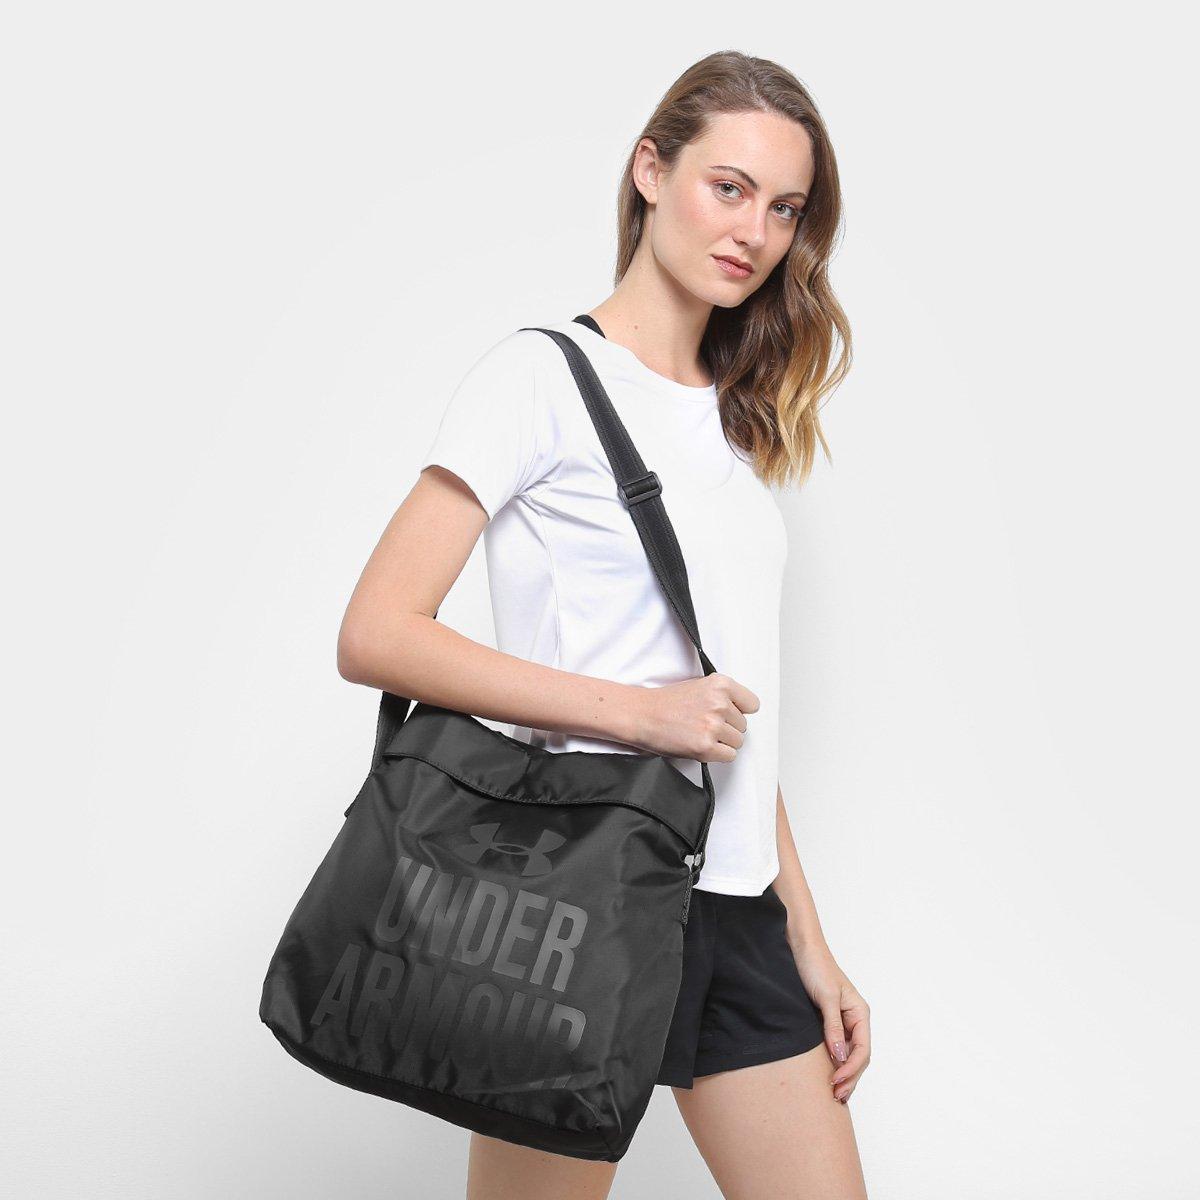 f4b35039306 Bolsa Under Armour Shopper Crossbody Feminina - Compre Agora